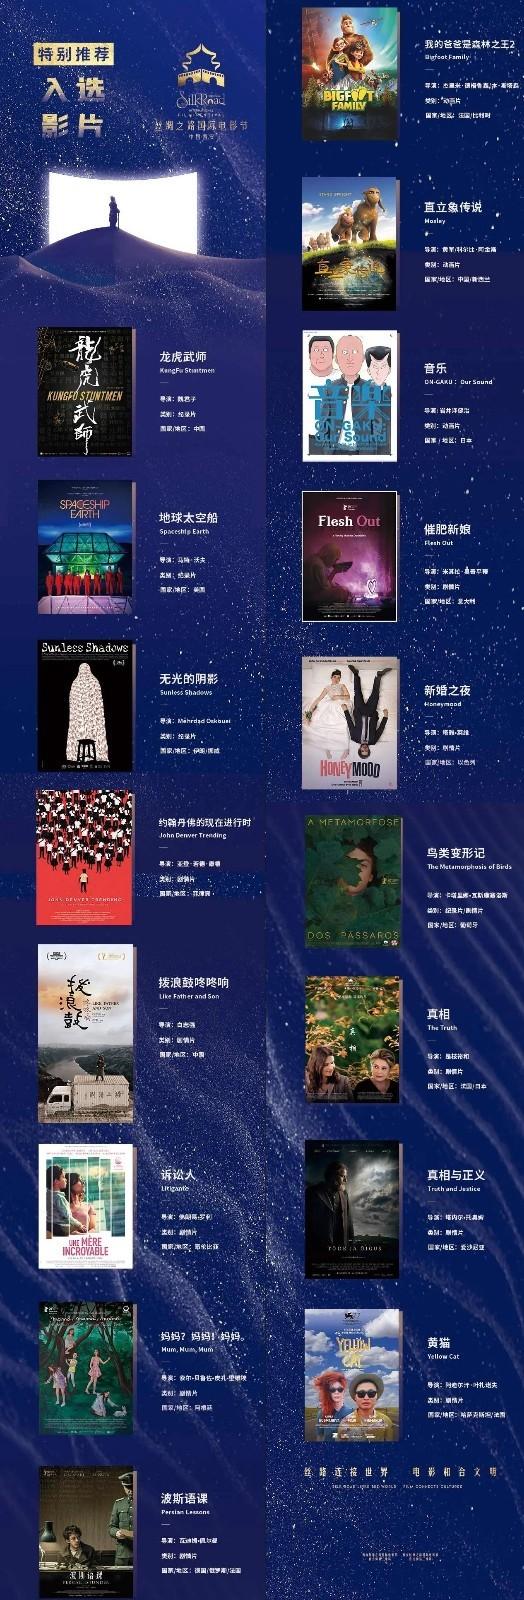 丝绸之路国际电影节公布17部特别推荐影片